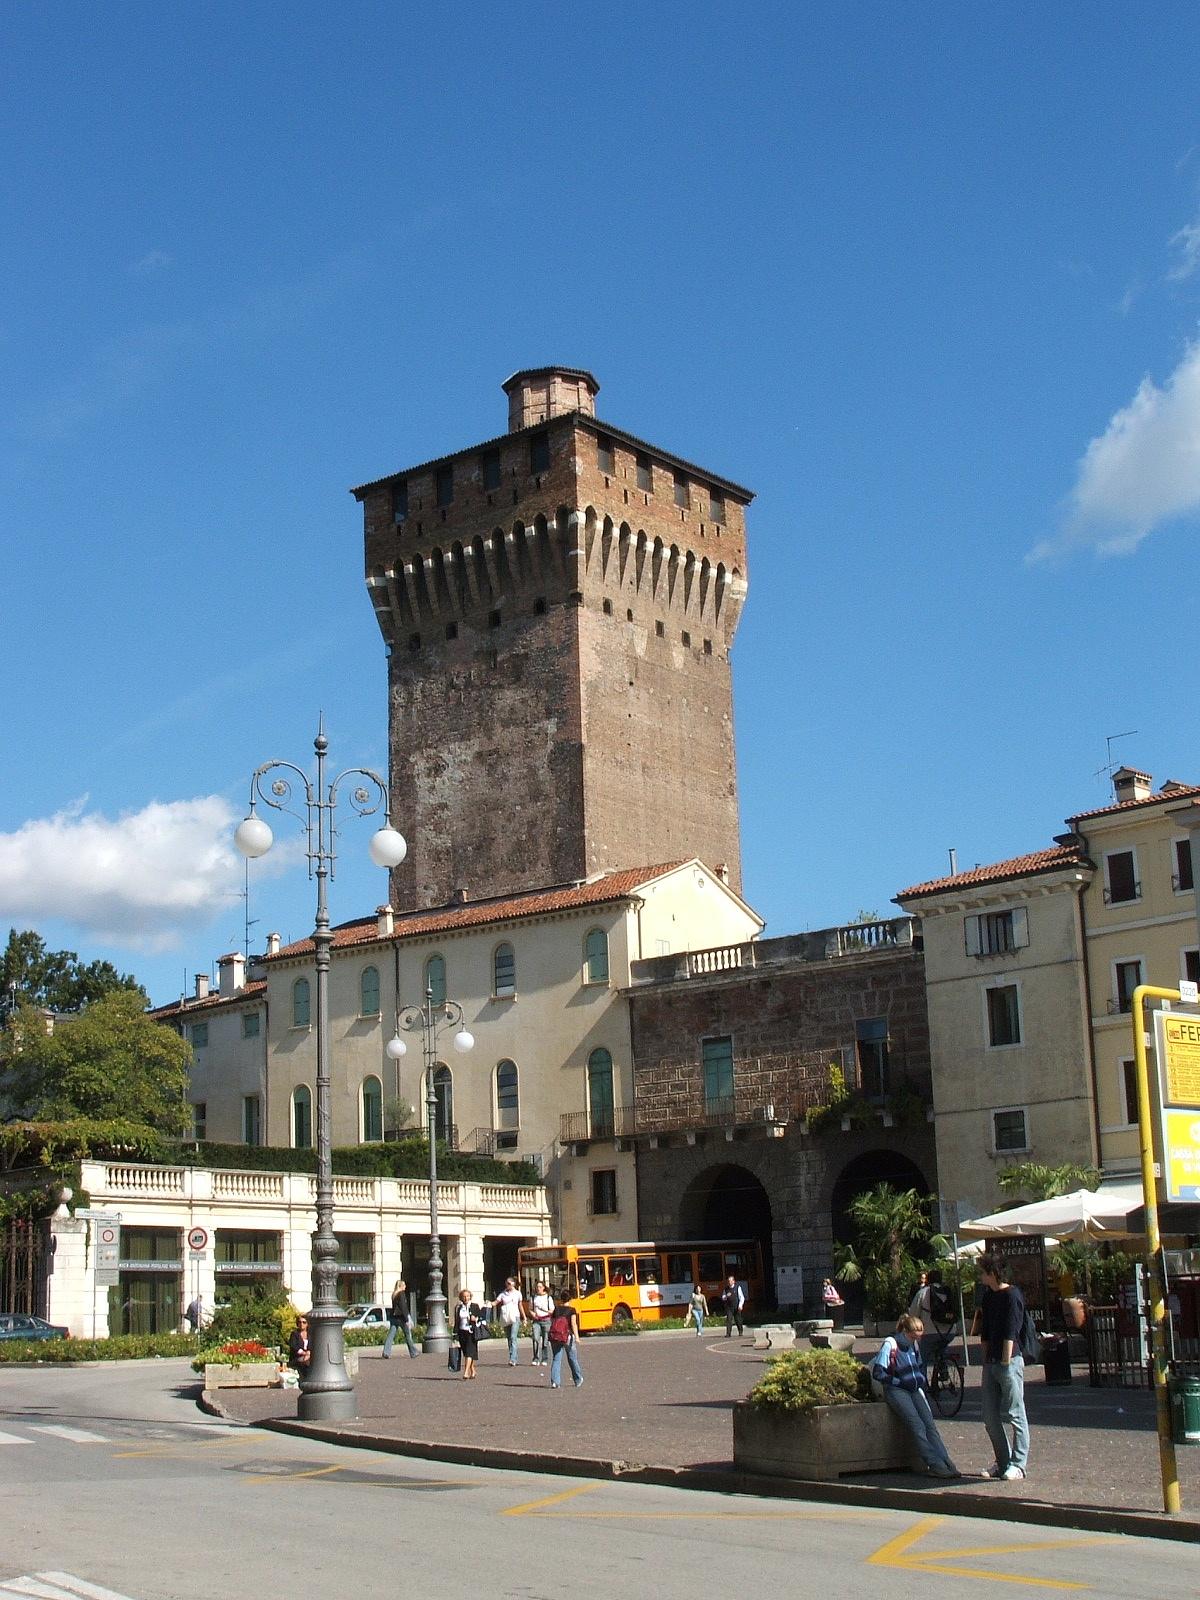 Vicenza - Sights